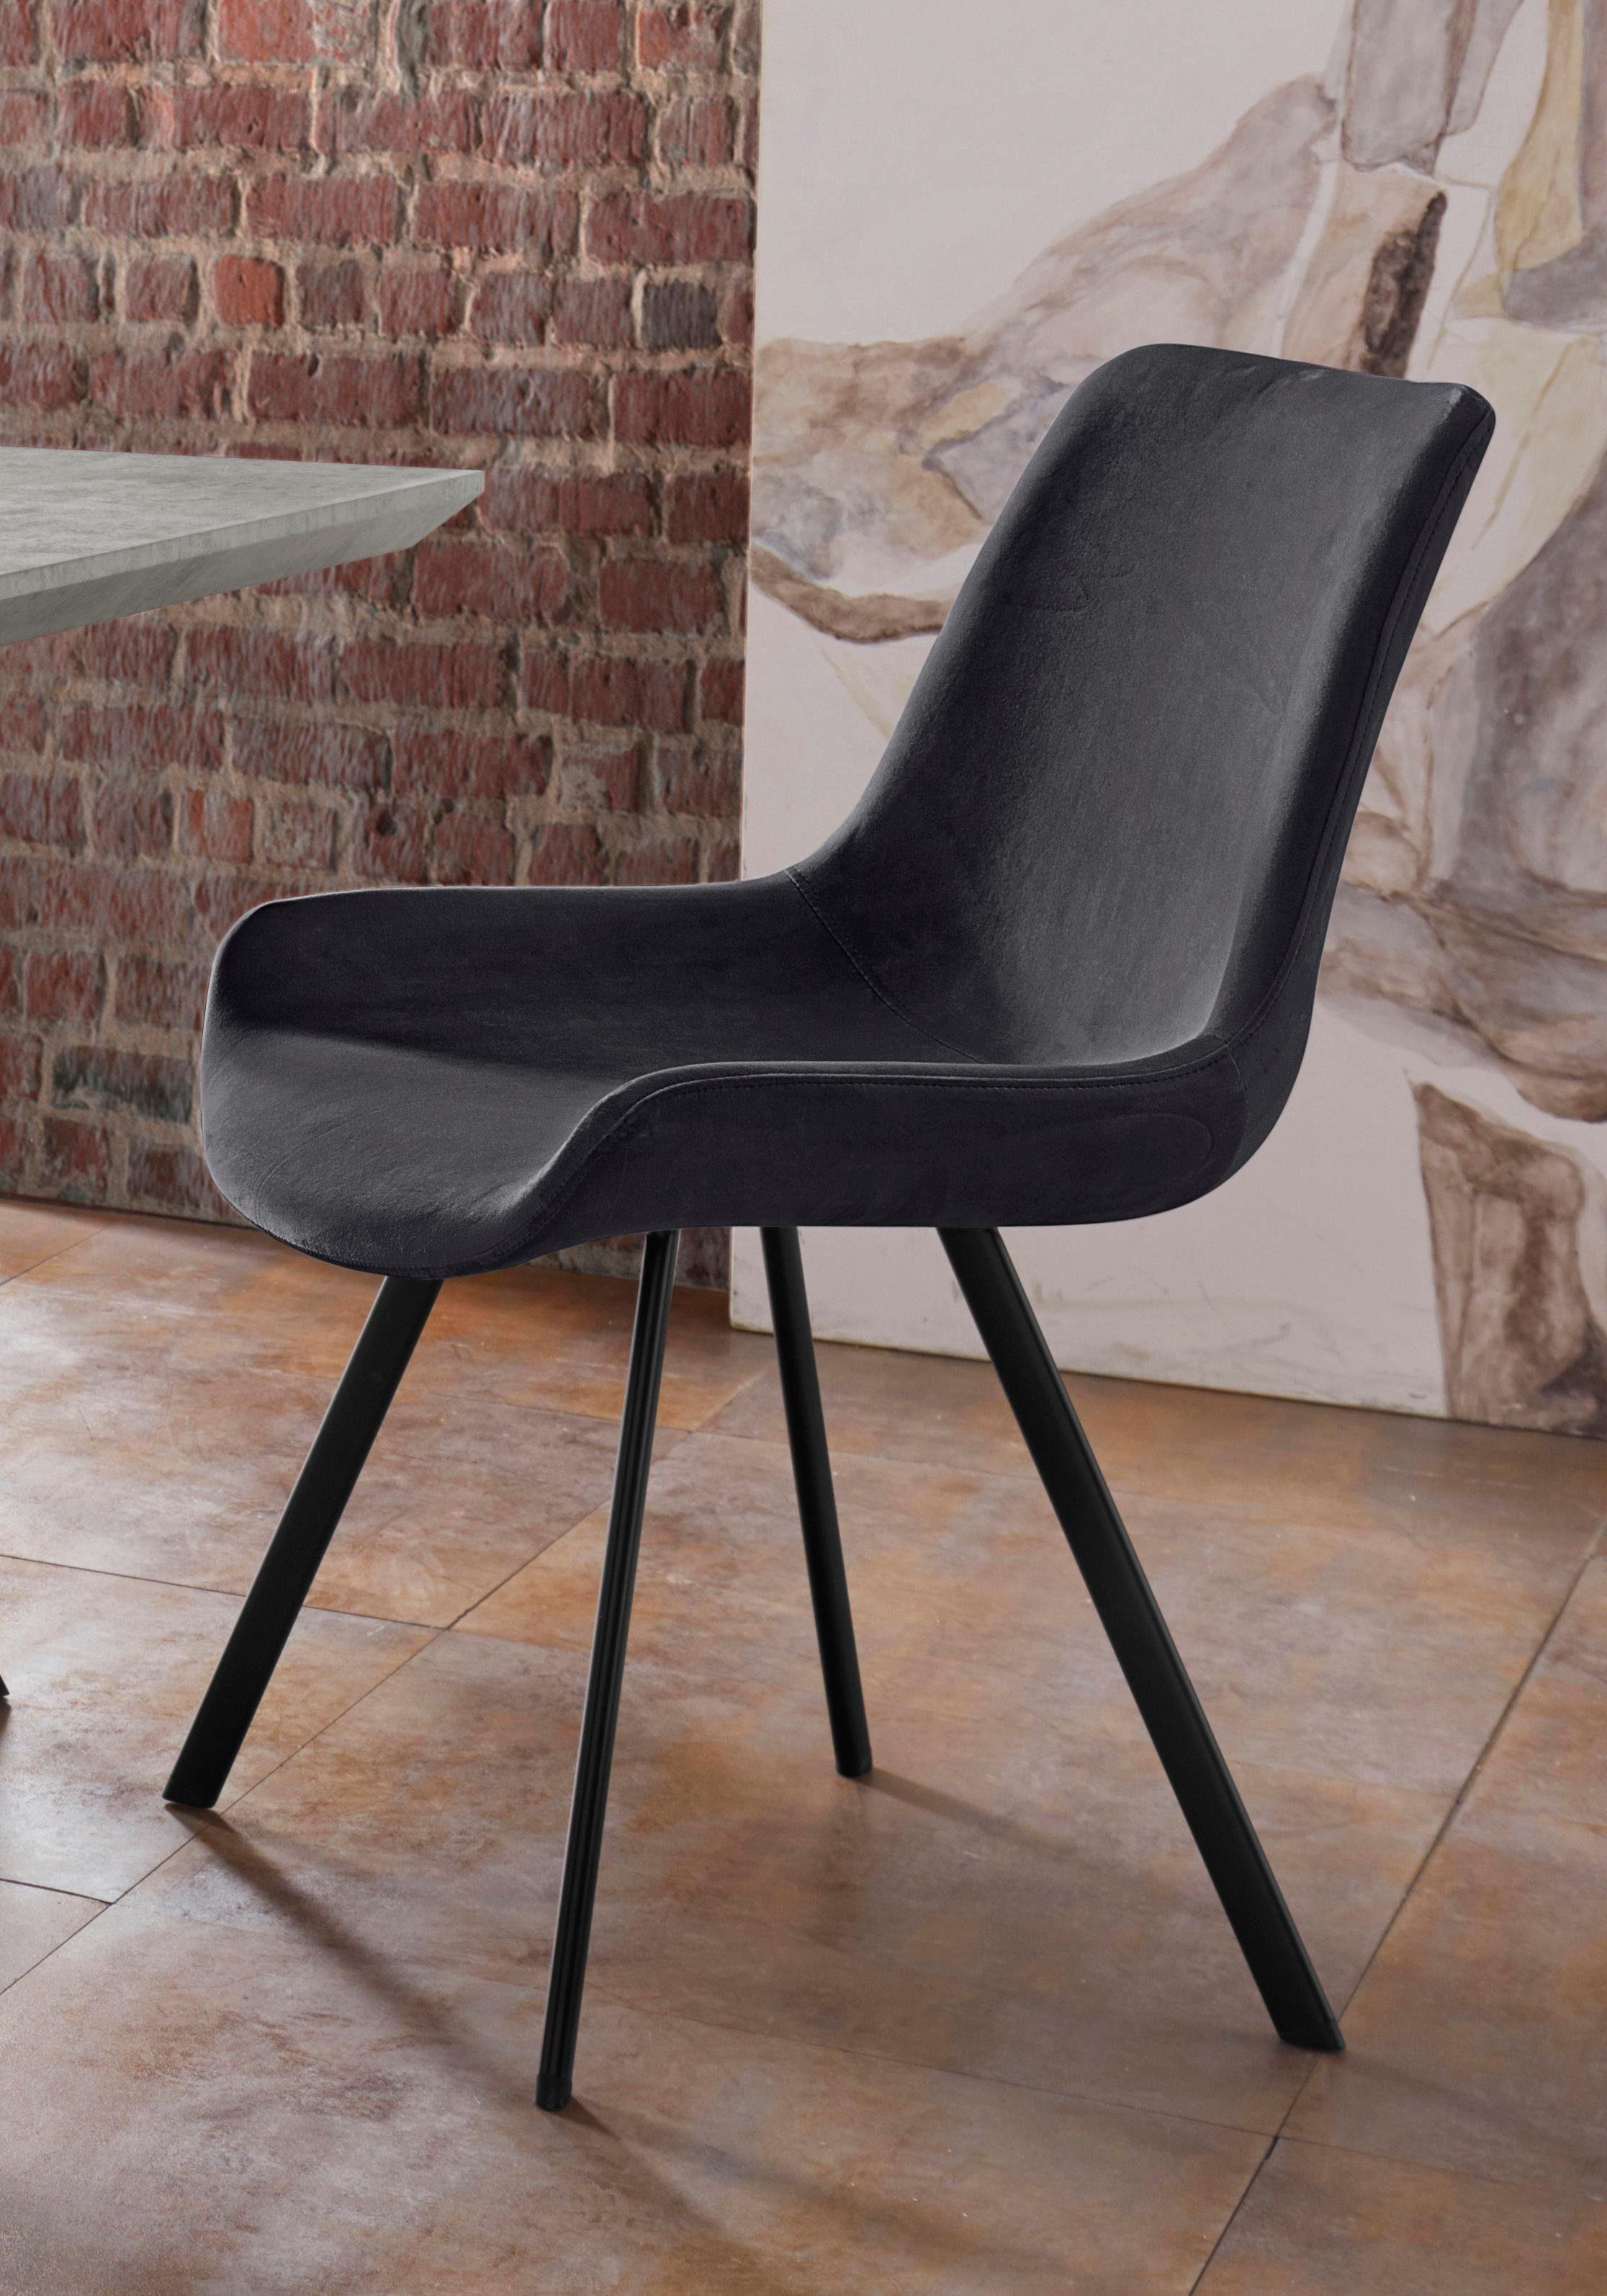 Homexperts Stuhl »Rose«, Sitz und Rücken gepolstert online kaufen | OTTO